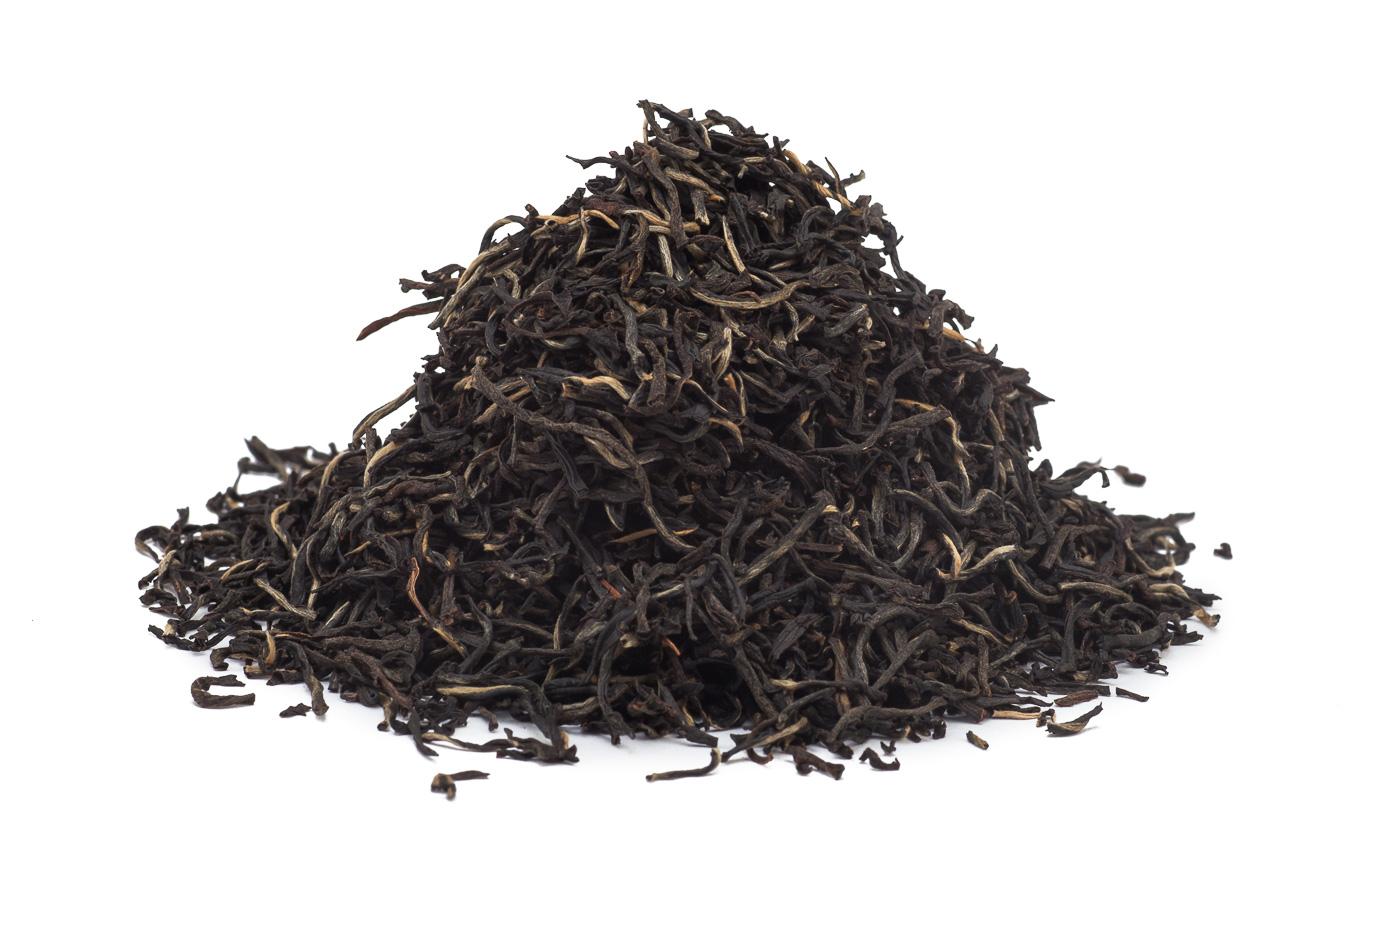 Levně CEYLON FBOPFEXSP NEW VITHANAKANDE - černý čaj, 50g